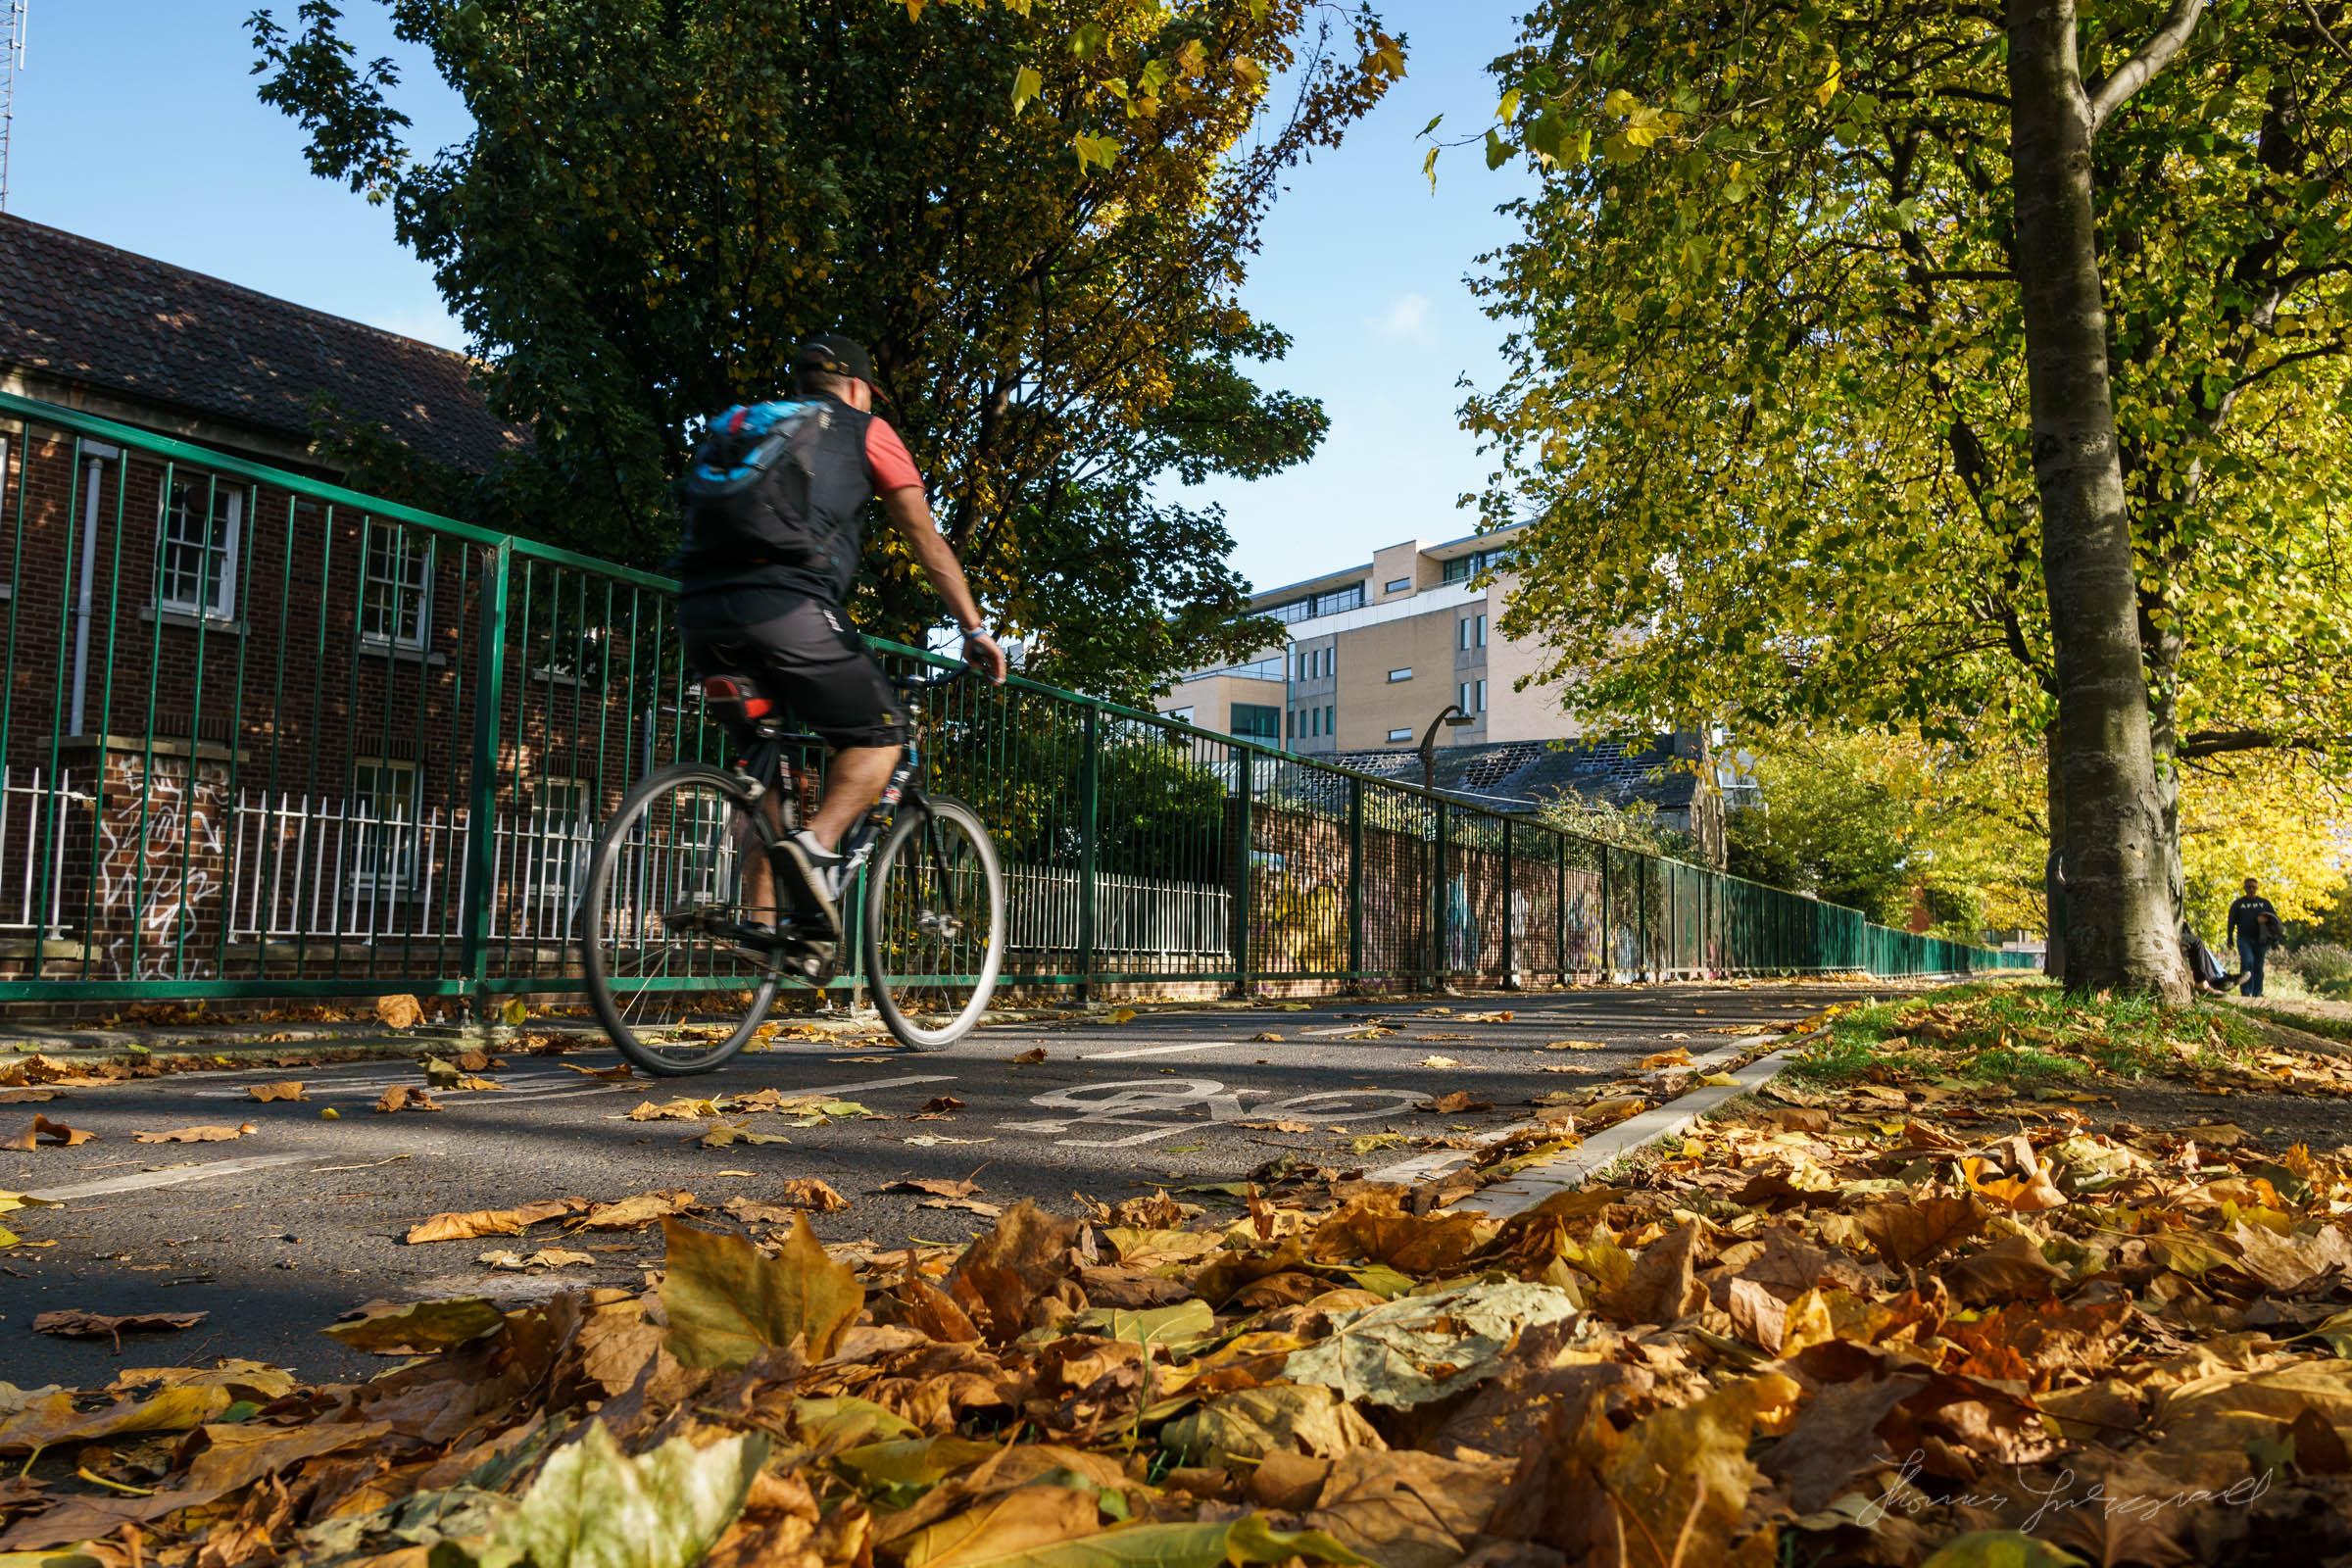 Autumn-Dublin-Sony-A6000-24.jpg